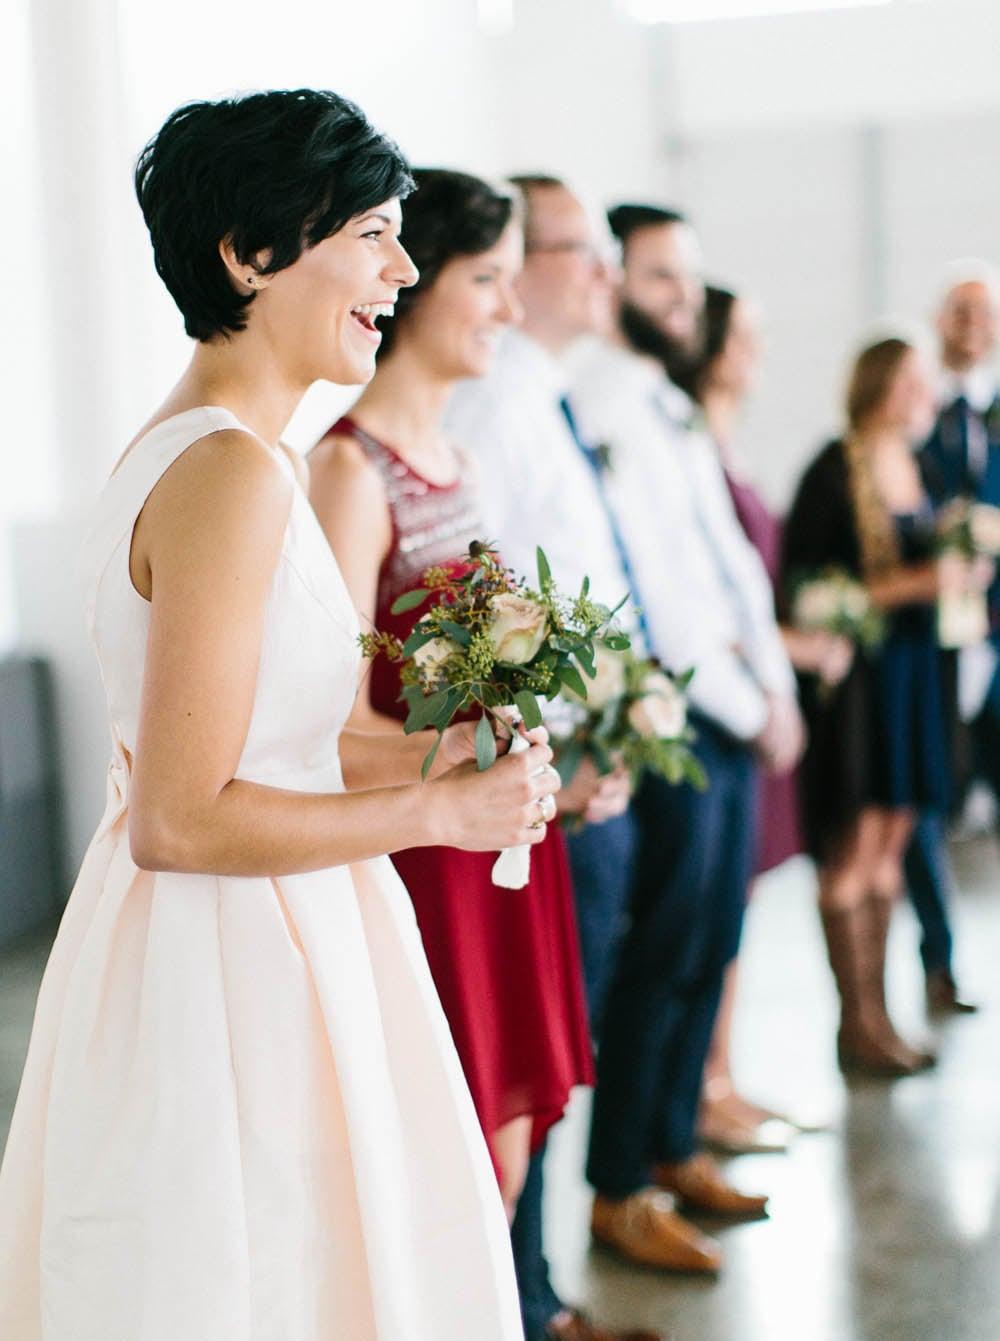 MariaLamb-Branden-Sammi-Wedding236.jpg